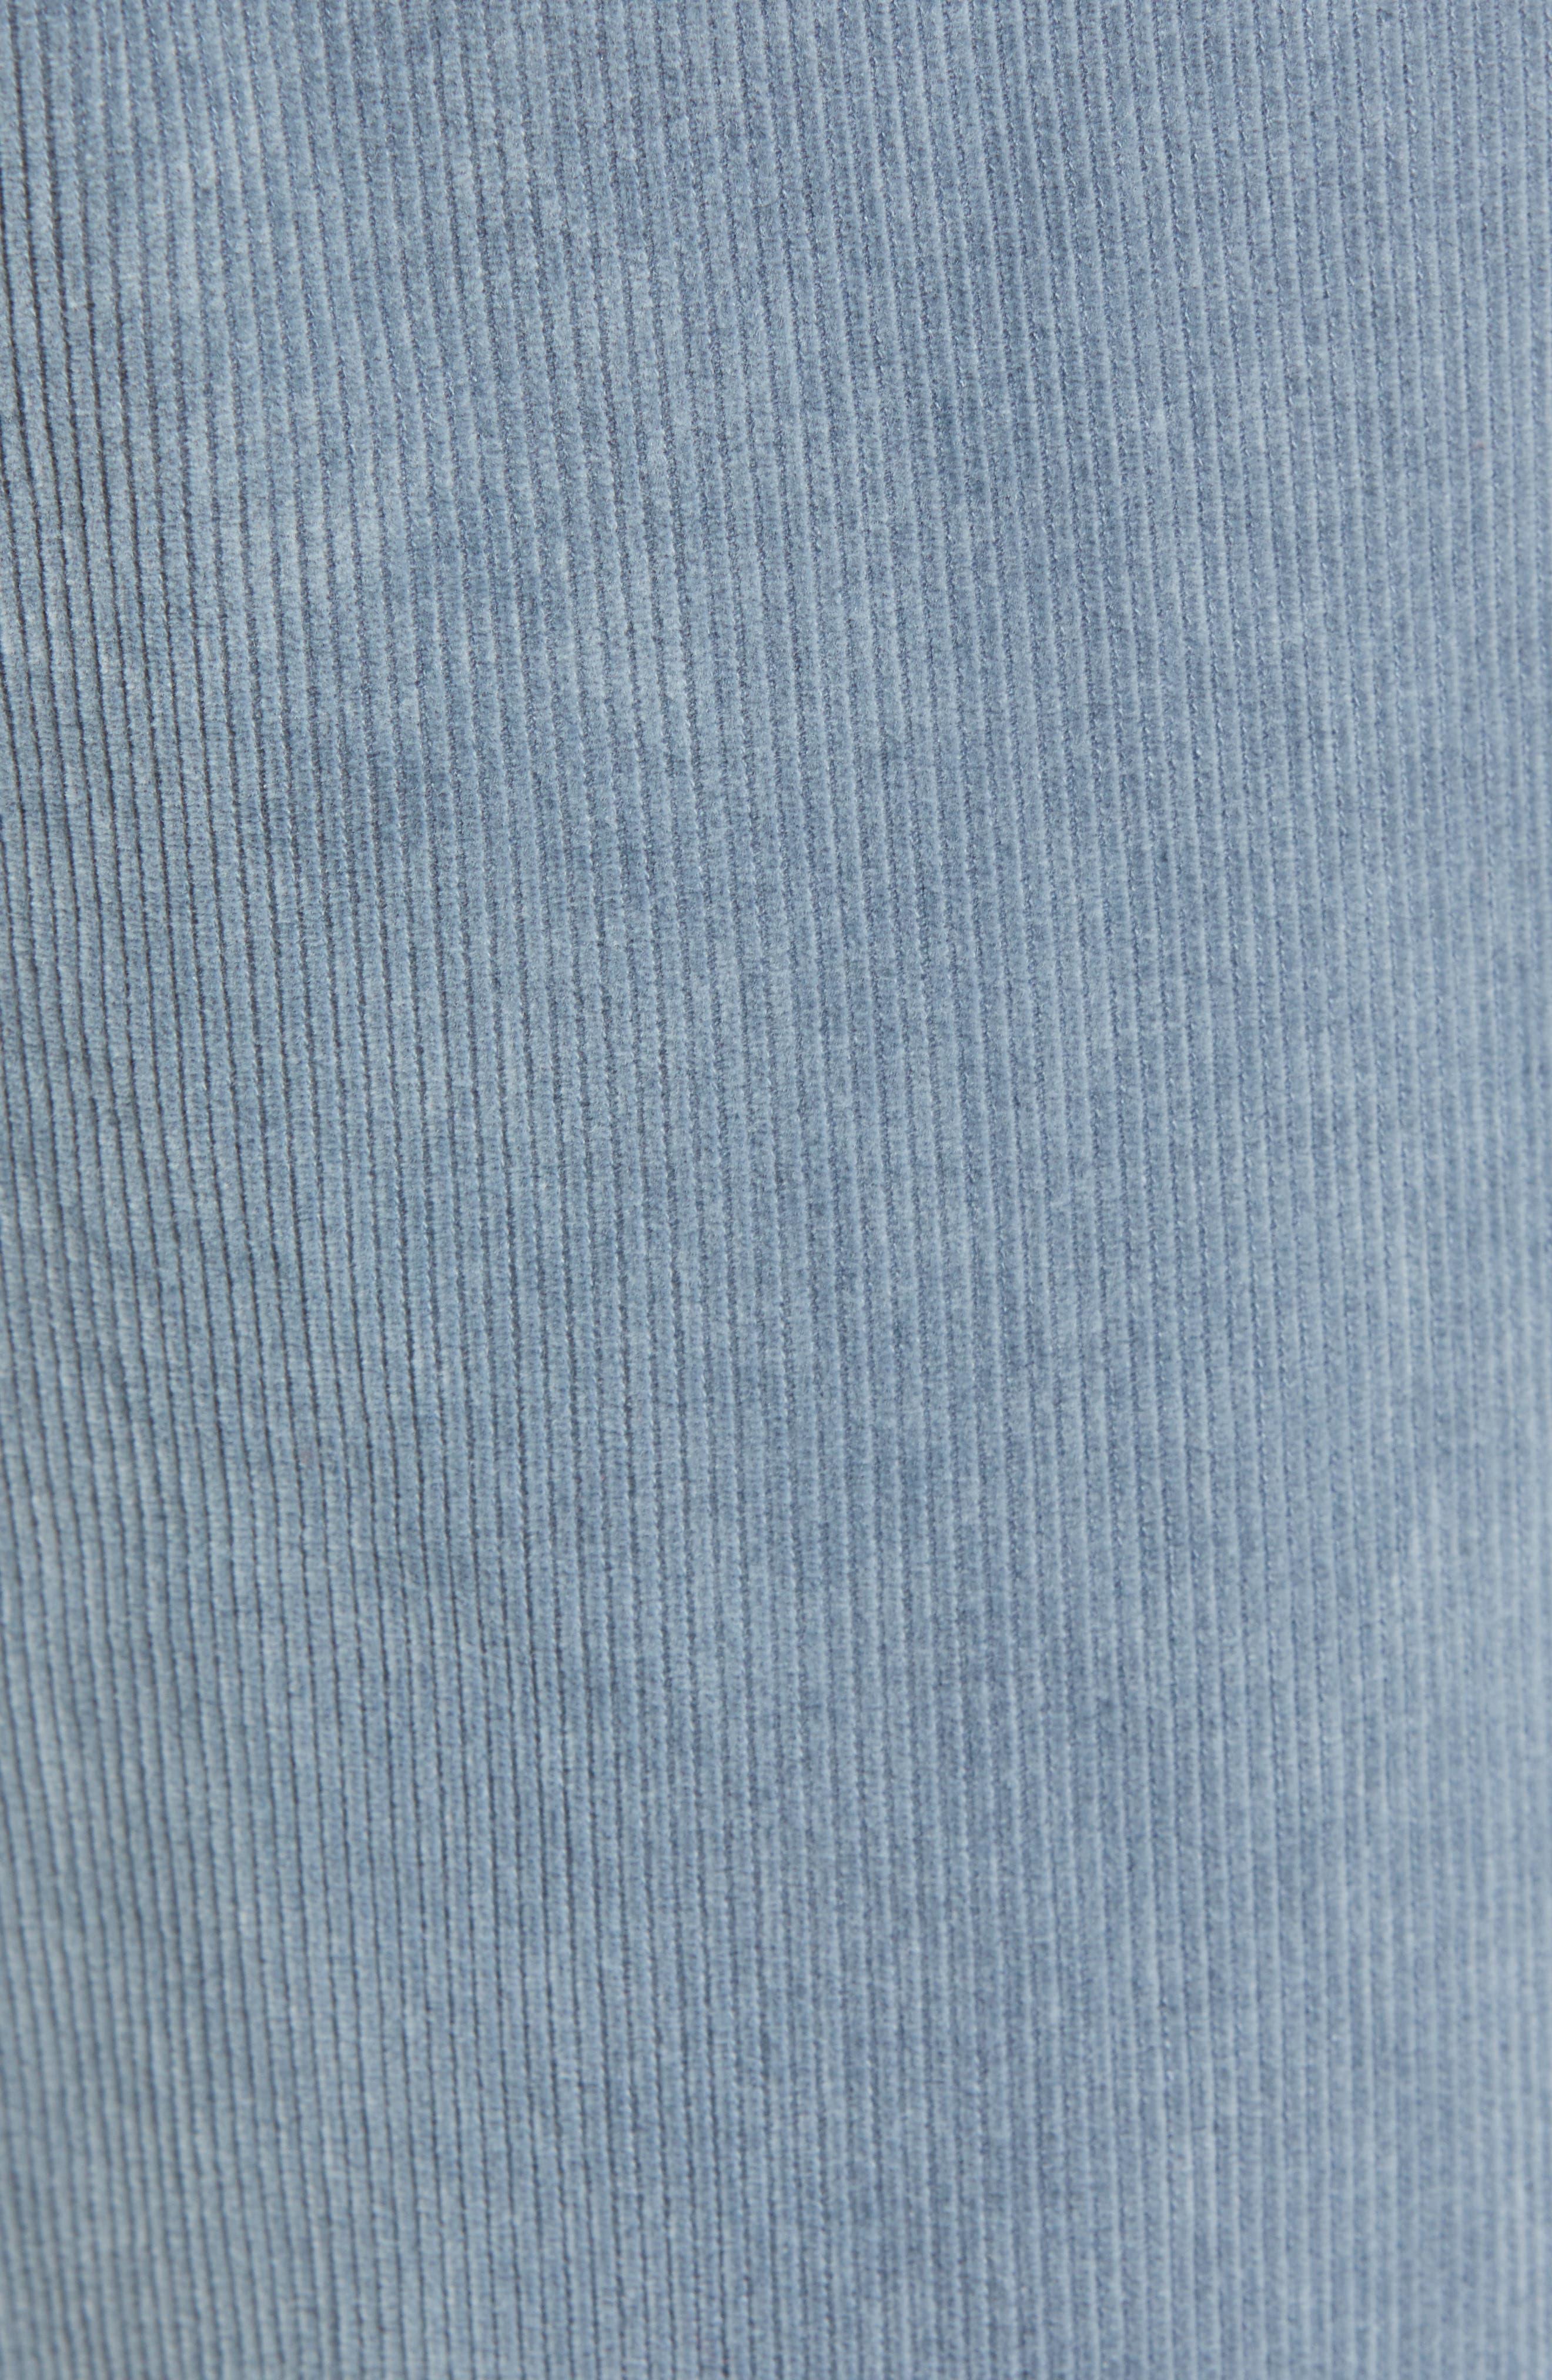 511<sup>™</sup> Slim Fit Corduroy Jeans,                             Alternate thumbnail 5, color,                             OMBRE BLUE WARP CORDUROY